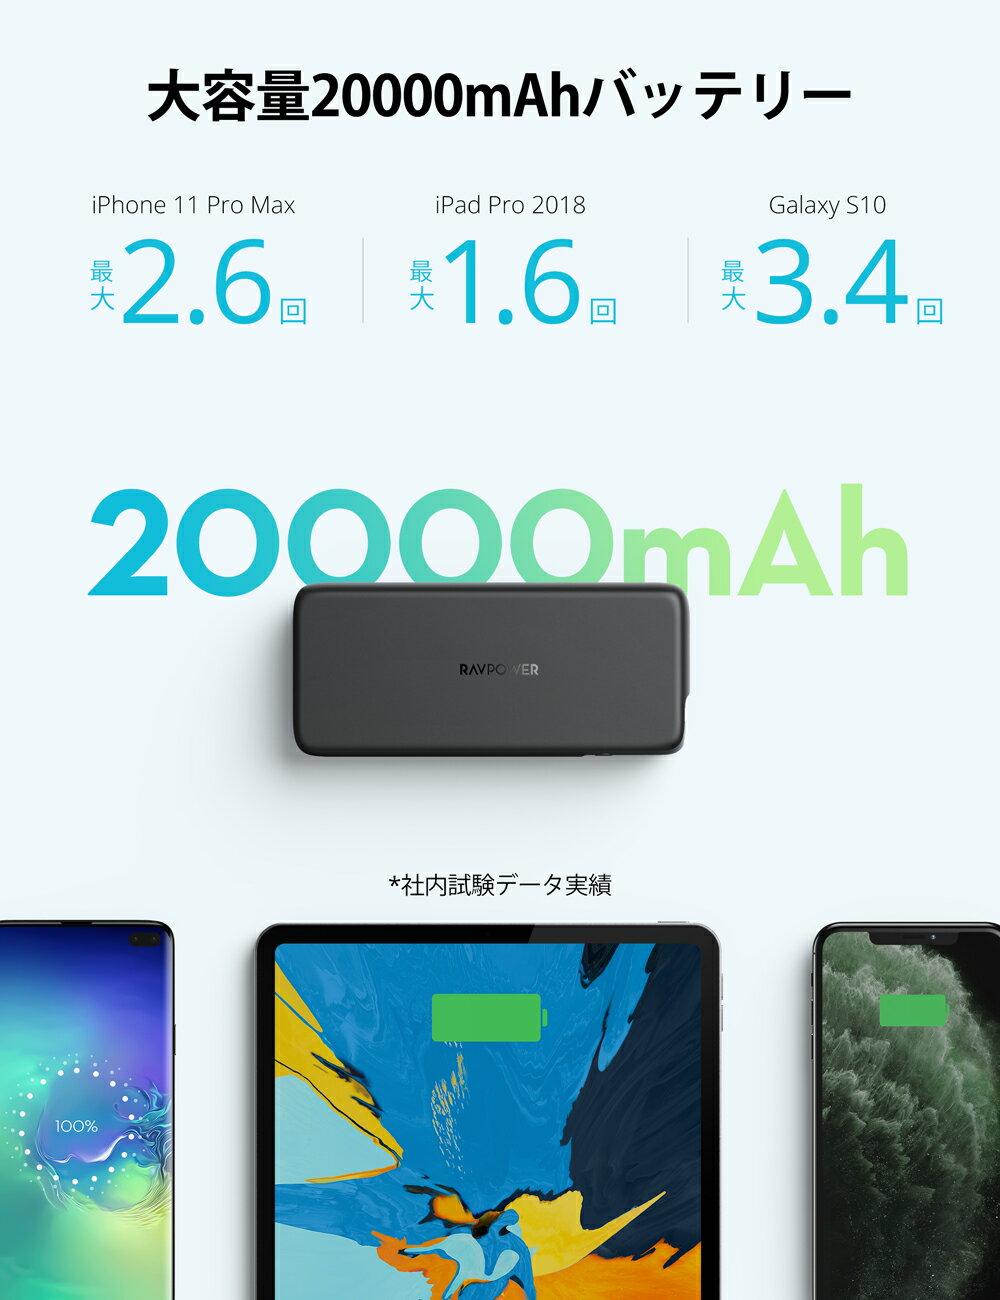 《在庫あり》RAVPower最新急速充電規格PowerDelivery対応最大60Wまでパワーデリバリー(PD)対応のUSB-CPD3.0ポートを搭載MacBookProなどパワーが必要なハイスペックデバイスへの充電にも対応20000mAhモバイルバッテリーPD60W対応PSE認証済み[RP-PB201-BK]